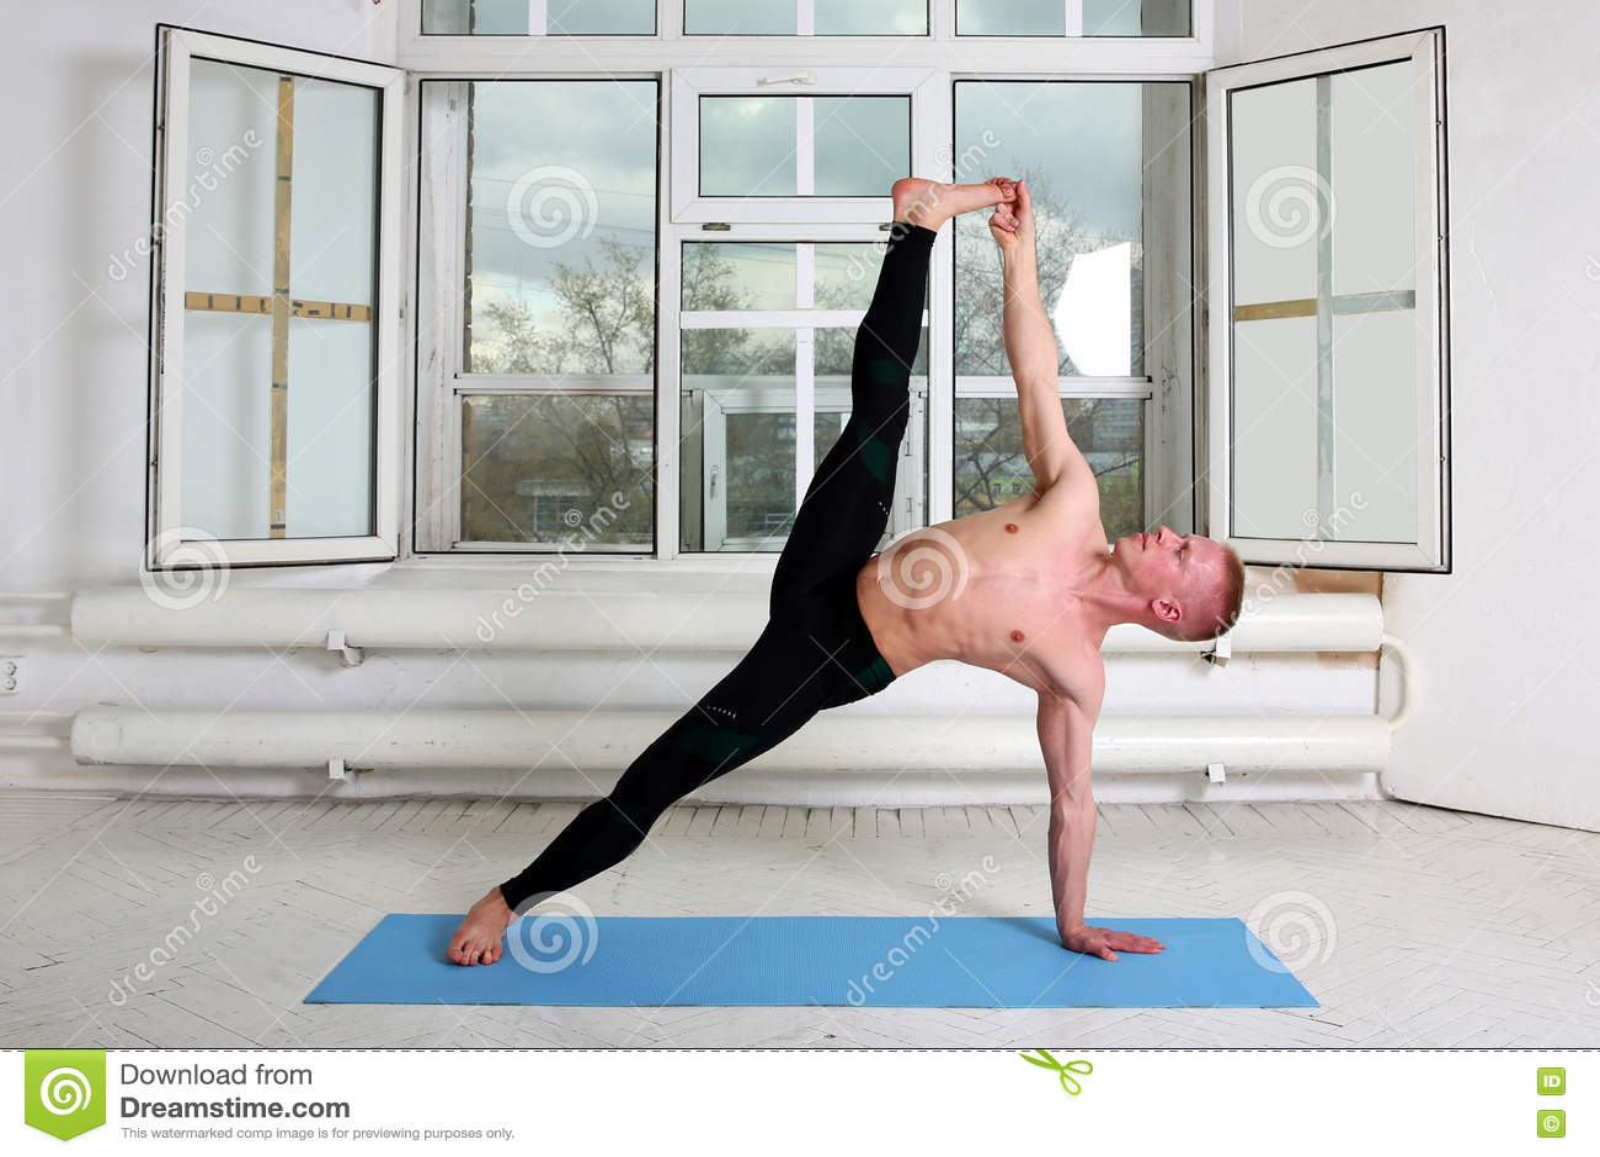 Yoga De Pratique D Homme Sportif Planche Laterale Photo Stock Image Du Pratique Yoga 75139670